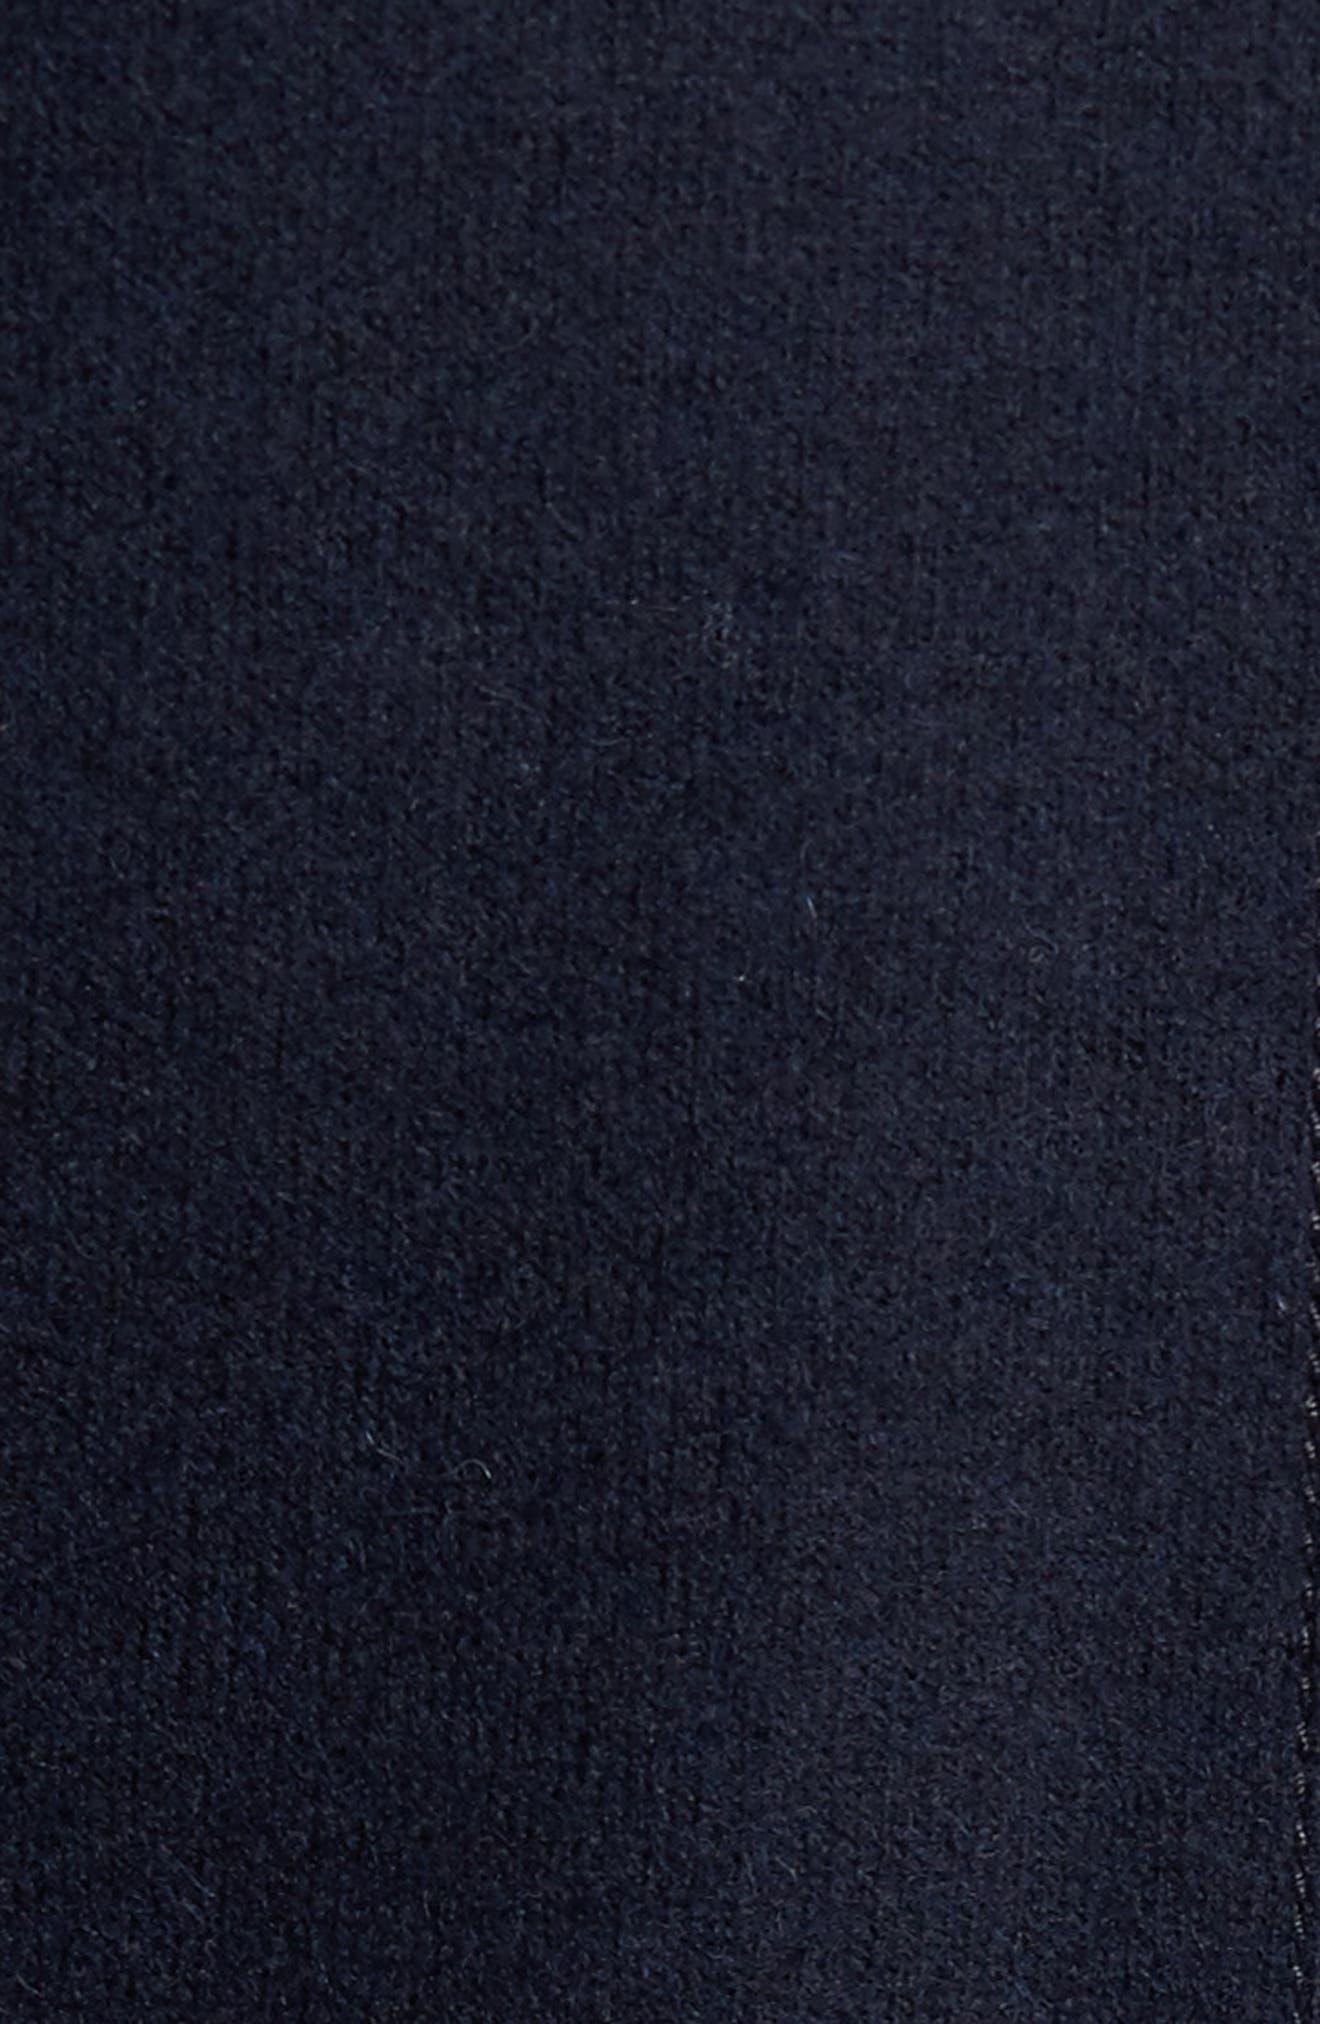 Faux Fur Trim Jacket,                             Alternate thumbnail 6, color,                             410